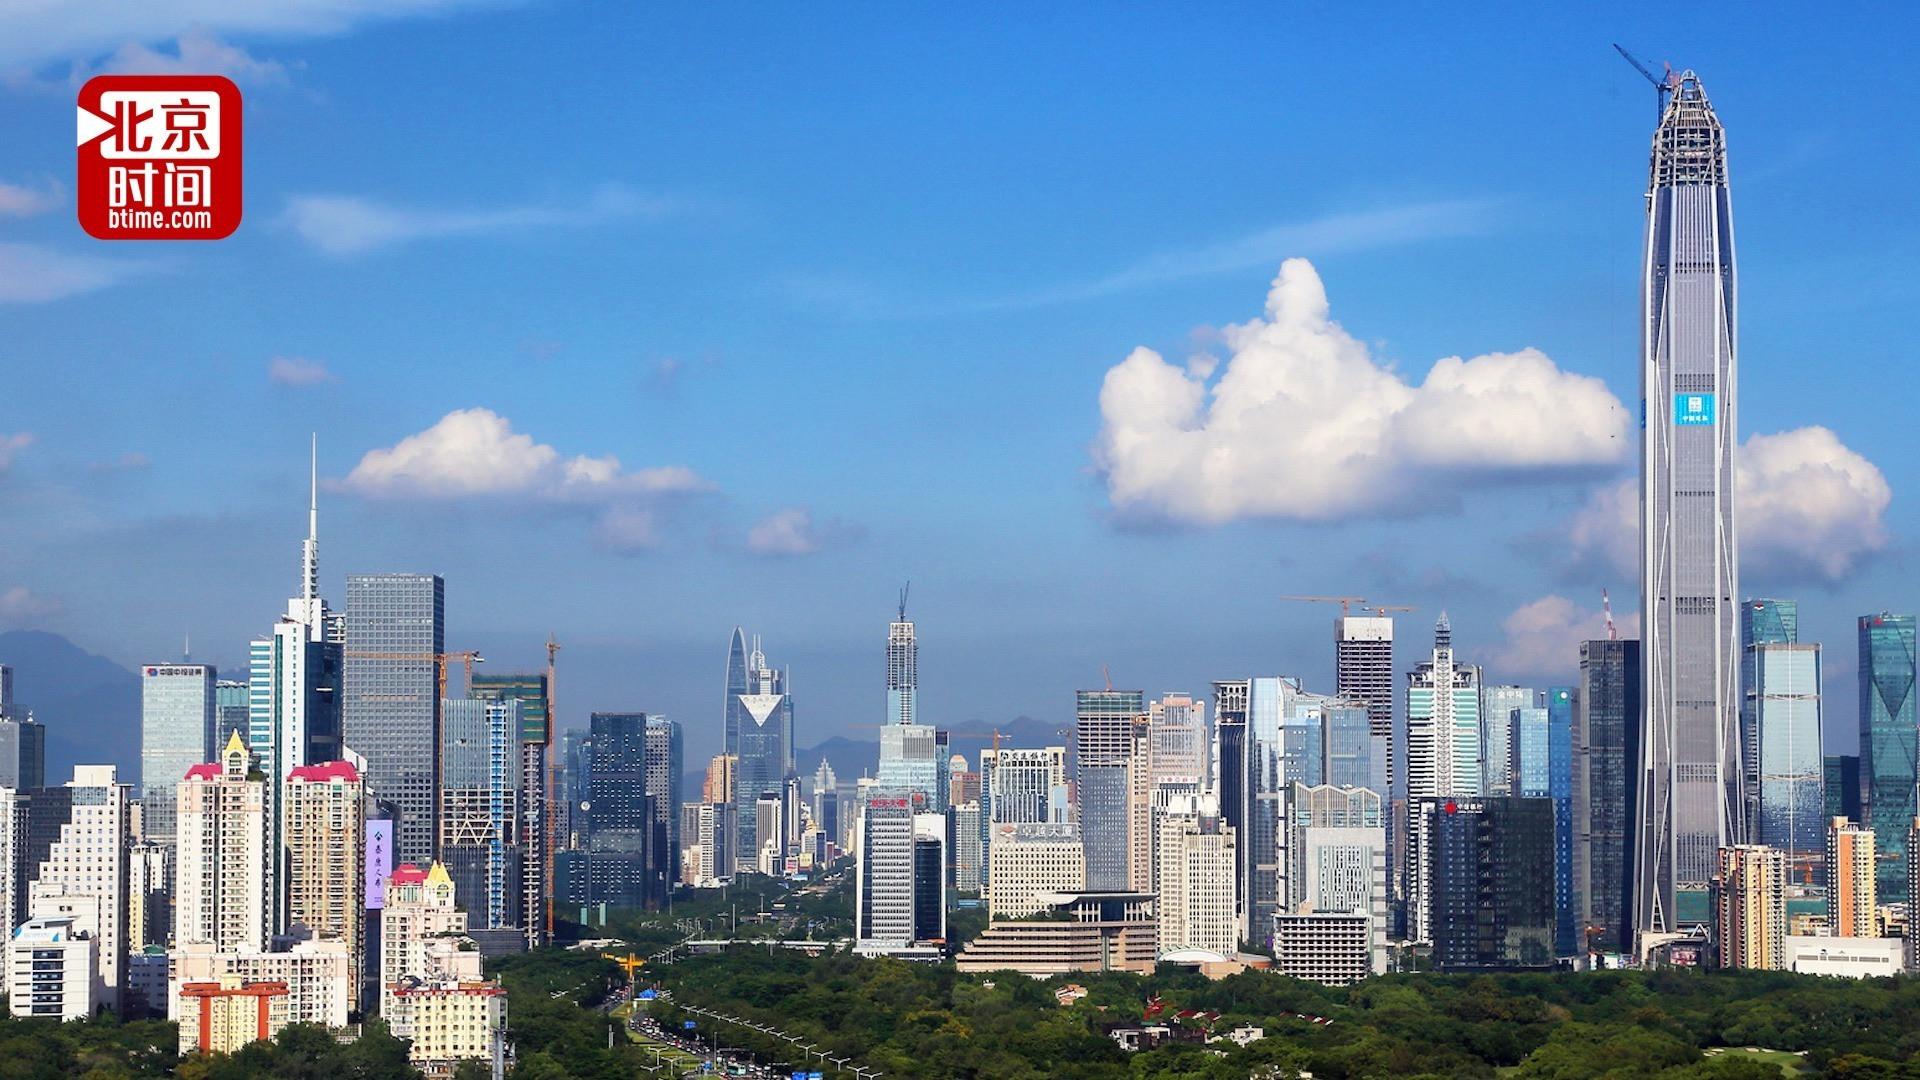 十大工业城市九个在南方:深圳上海苏州居前三